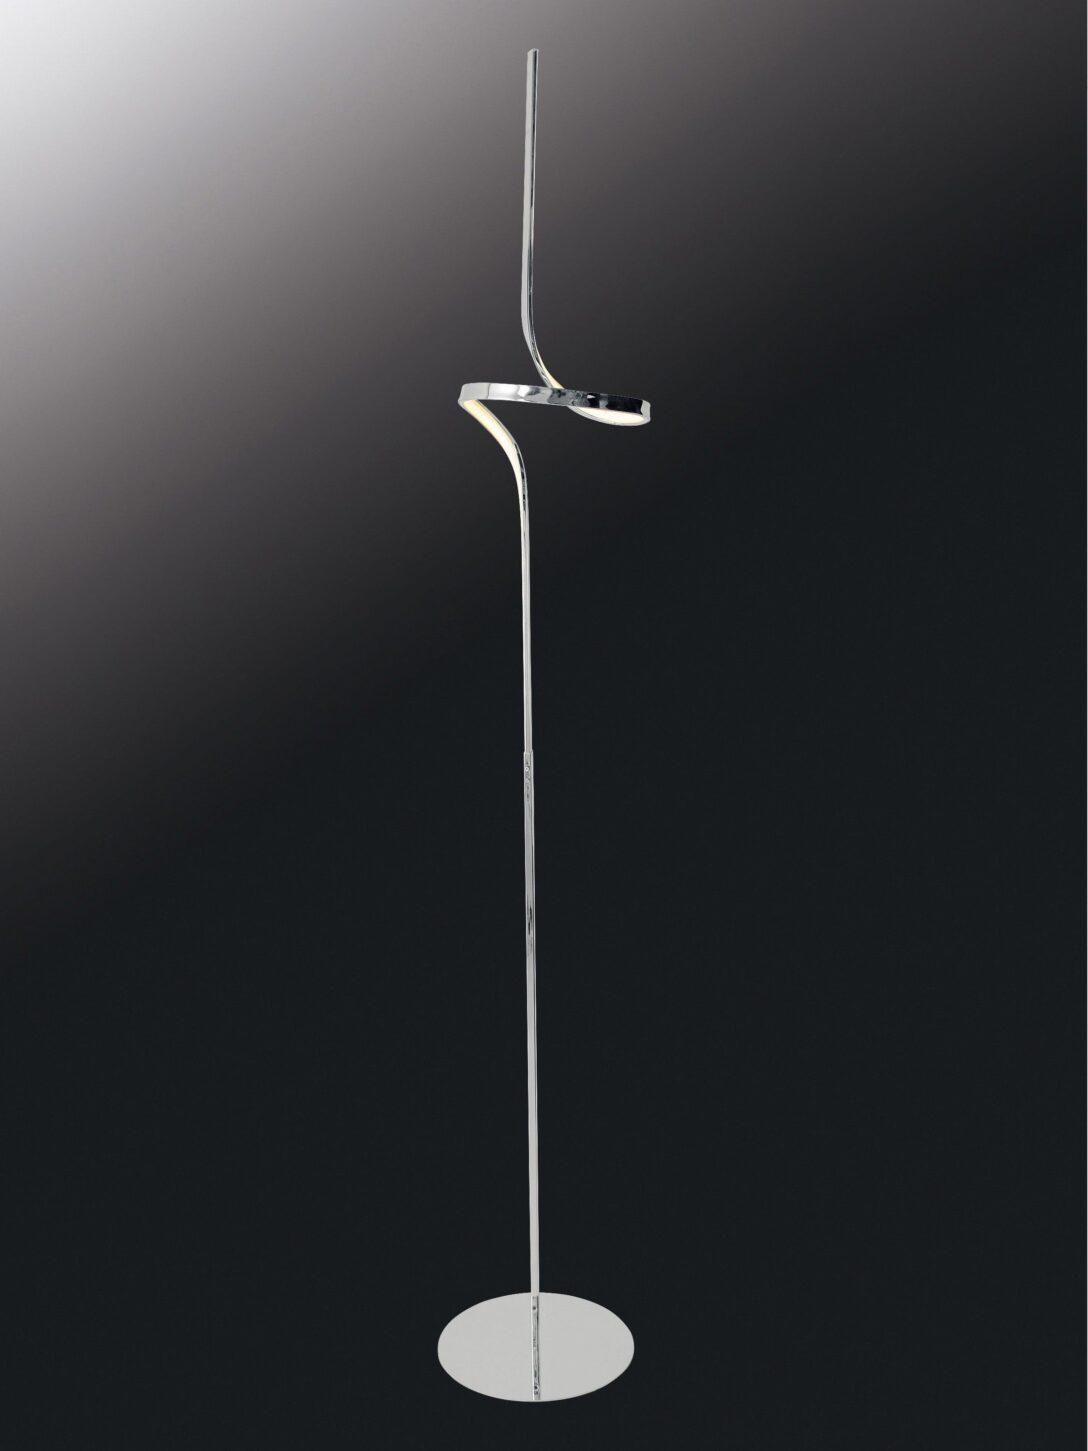 Large Size of Moderne Stehlampe Wohnzimmer Pendelleuchte Decken Bilder Xxl Wandtattoo Decke Schrankwand Fürs Deko Fototapeten Sofa Kleines Tischlampe Sideboard Stehlampen Wohnzimmer Moderne Stehlampe Wohnzimmer